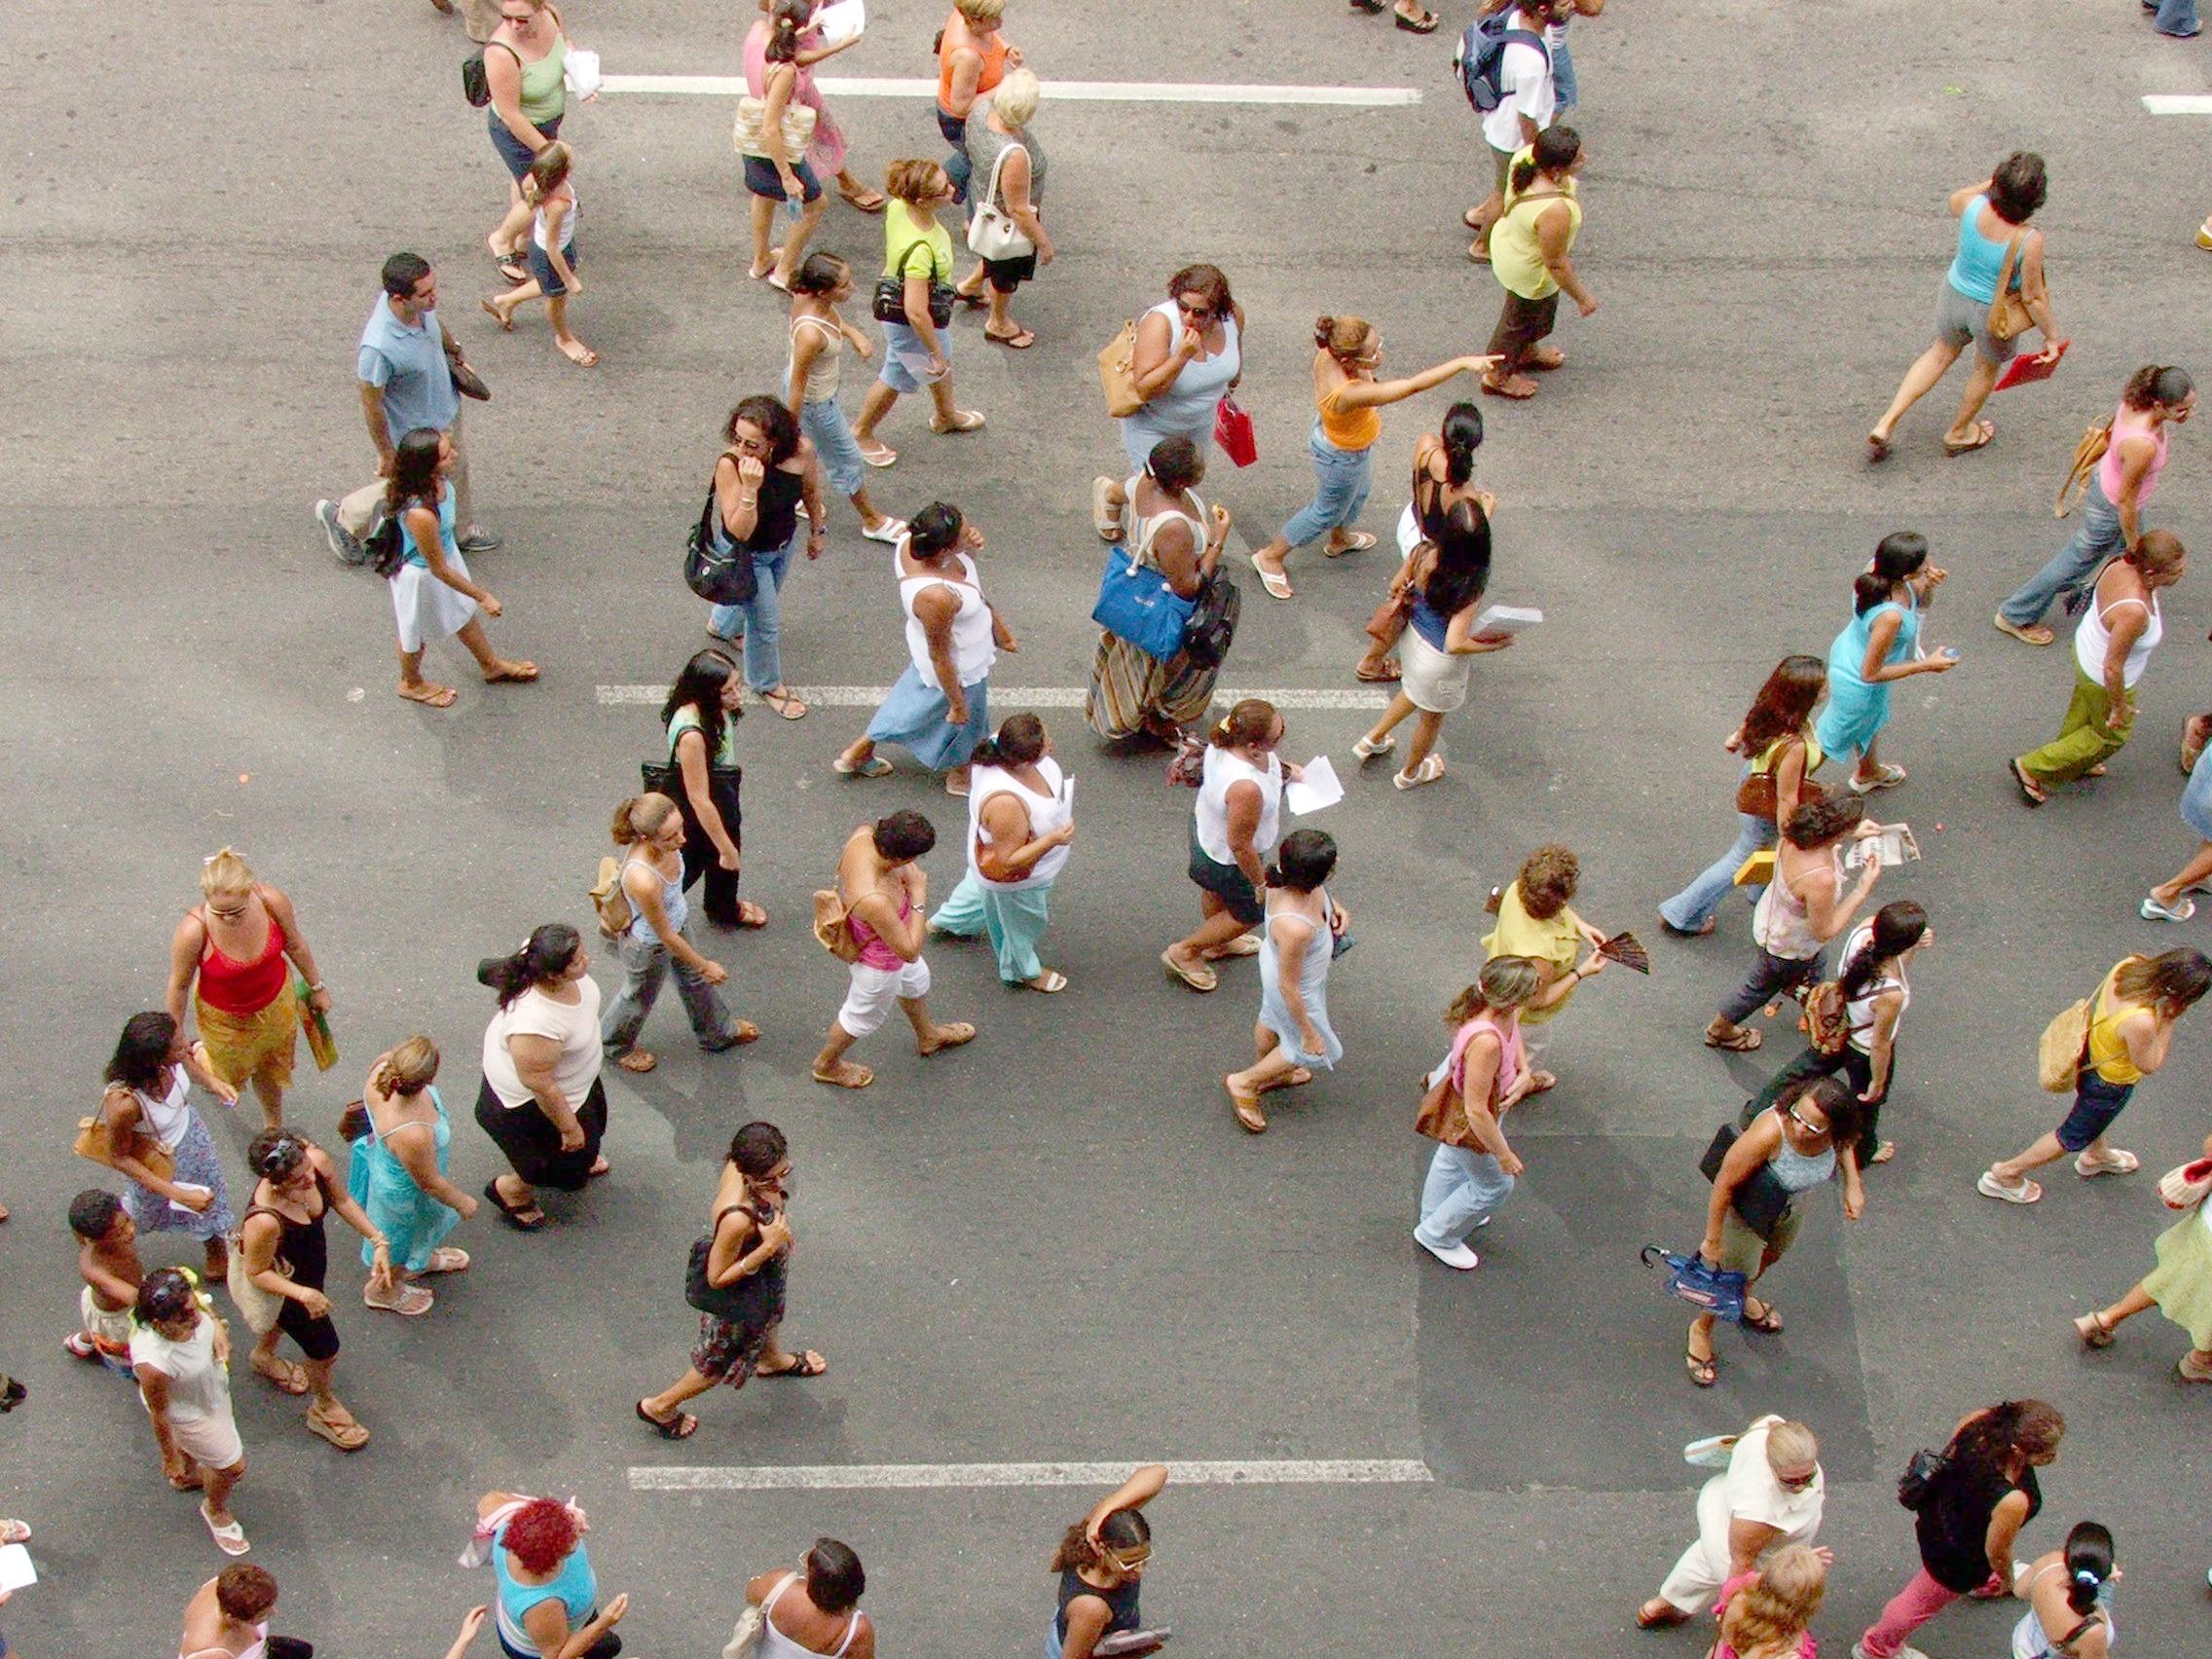 Immagini belle acqua persone vista città folla